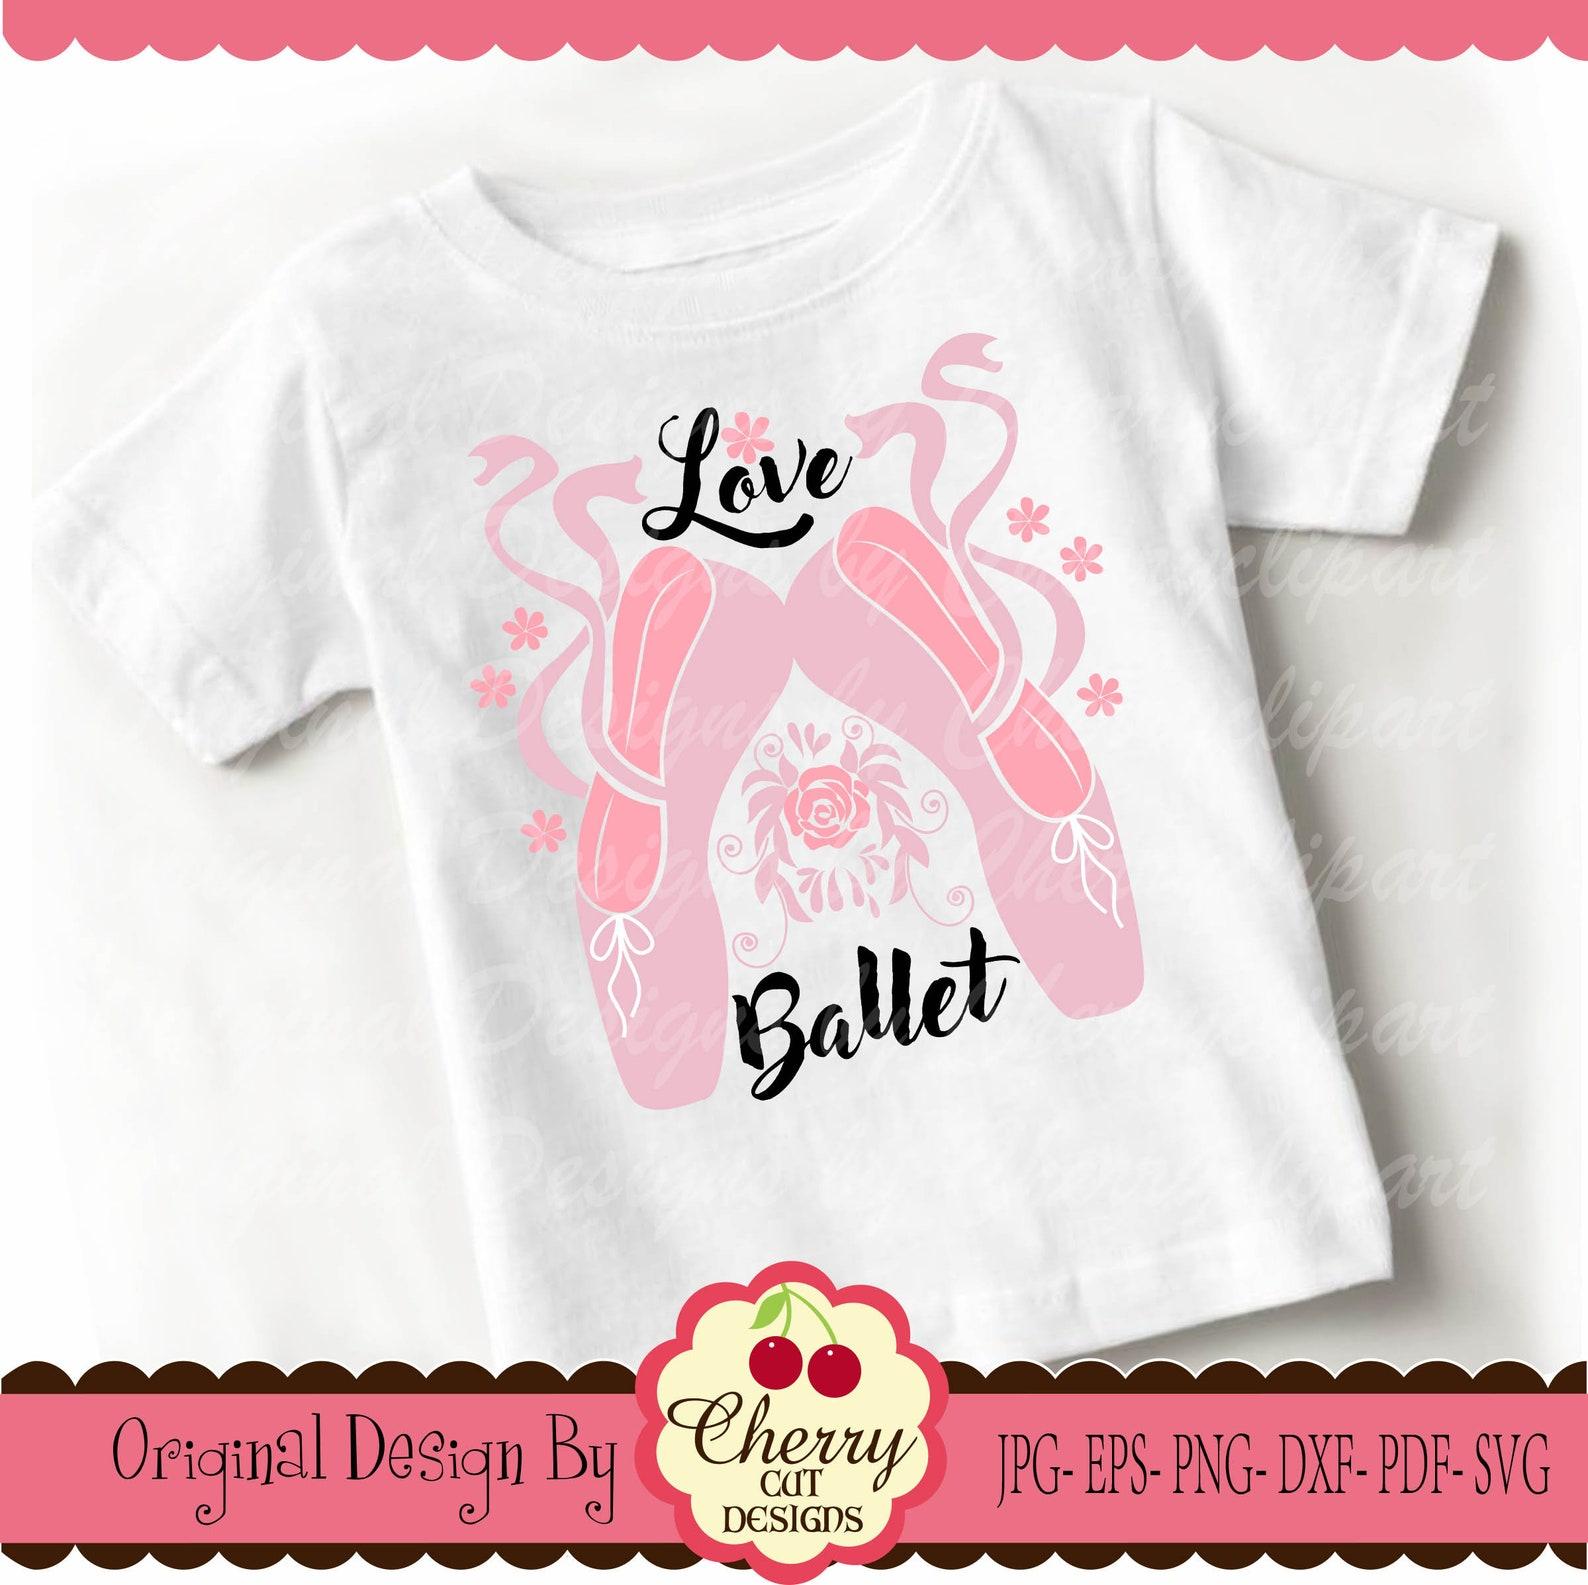 ballet shoes svg dxf ,love ballet svg silhouette cut files, cricut cut files bysvg3